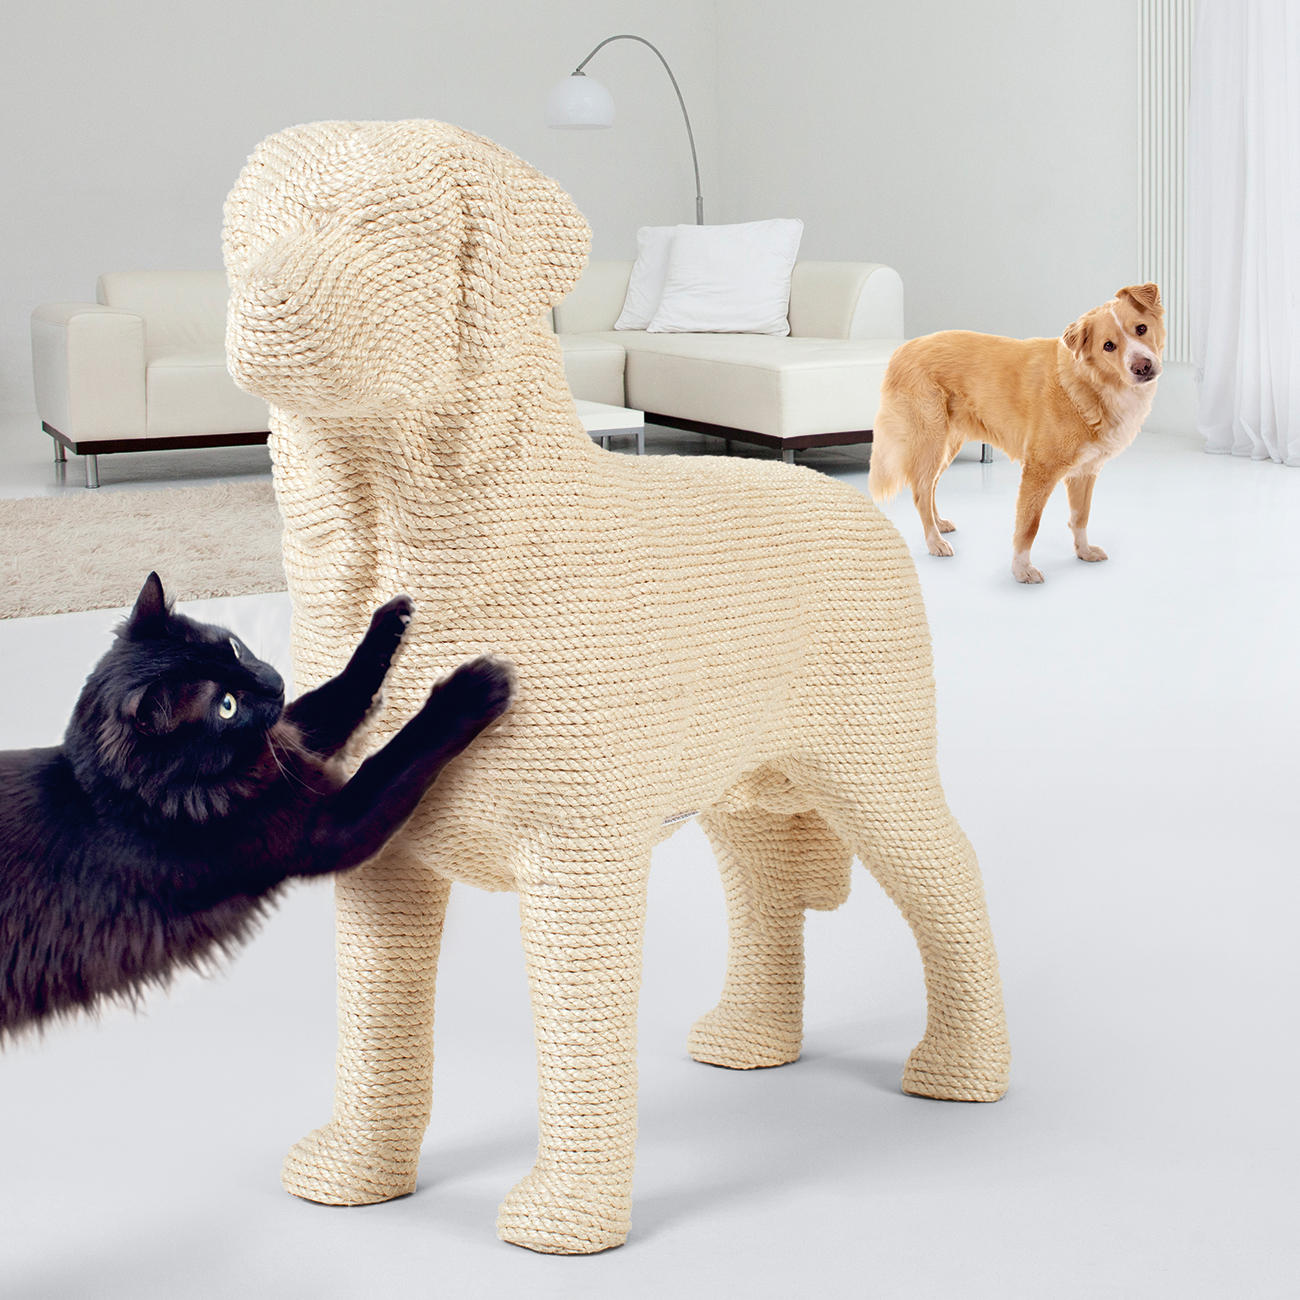 Design kratzbaum hund 3 jahre garantie pro idee for Design deko